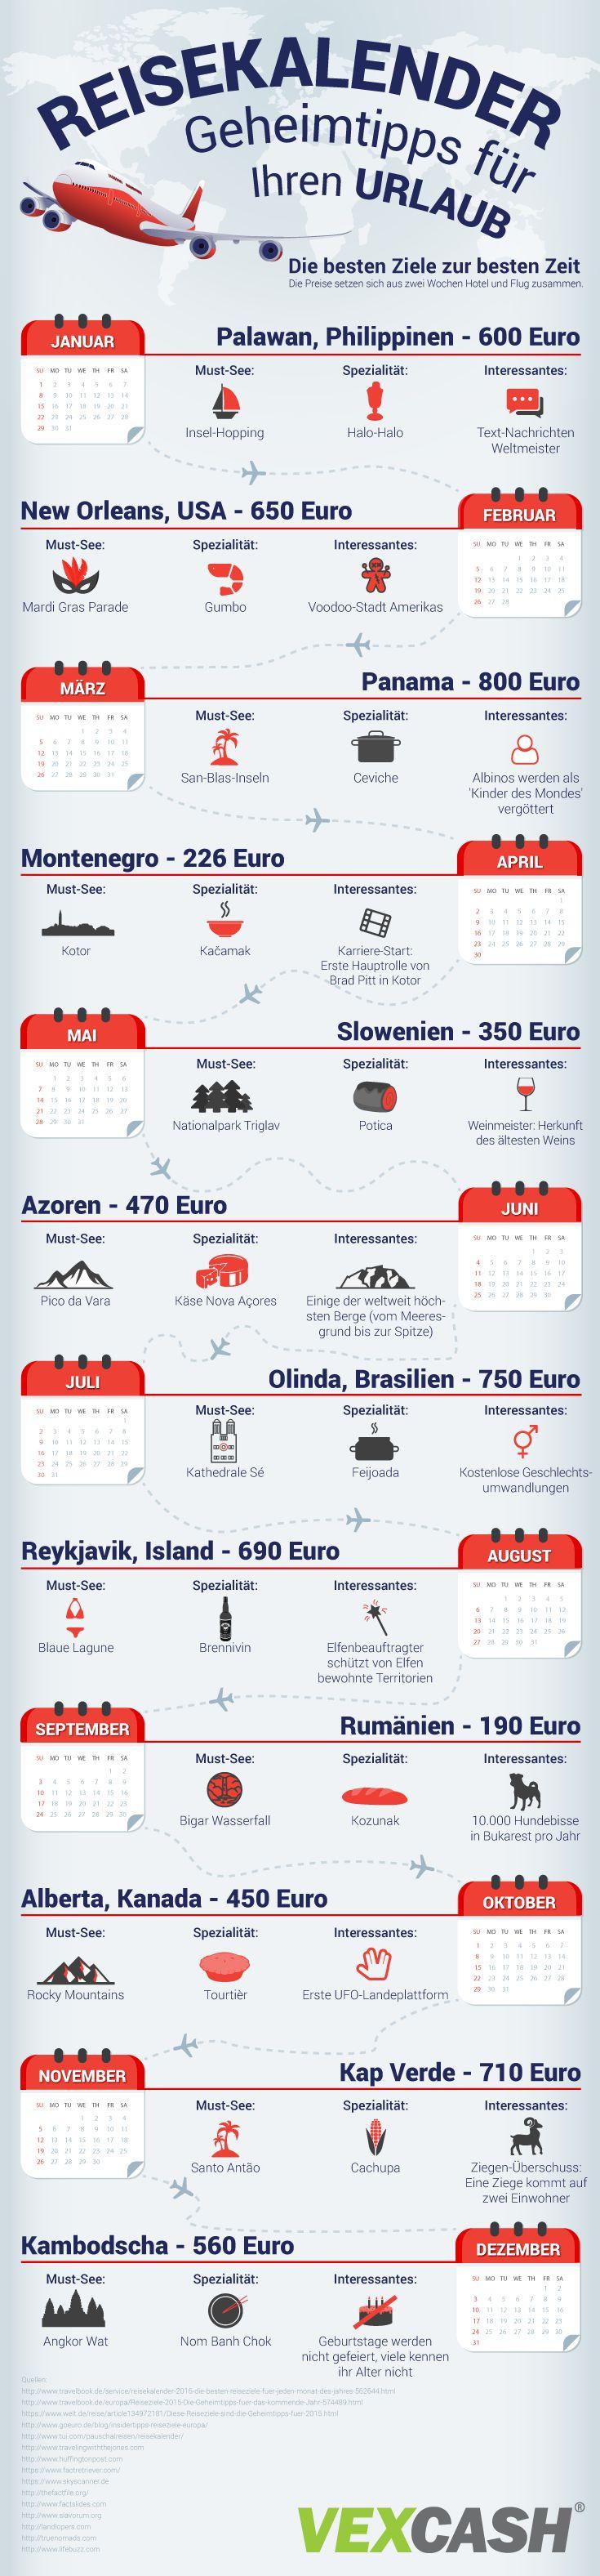 12 Geheimtipps für den Urlaub mit außergewöhnlichen Fakten, die so noch keiner kennt #travel #infografik #reise #urlaub